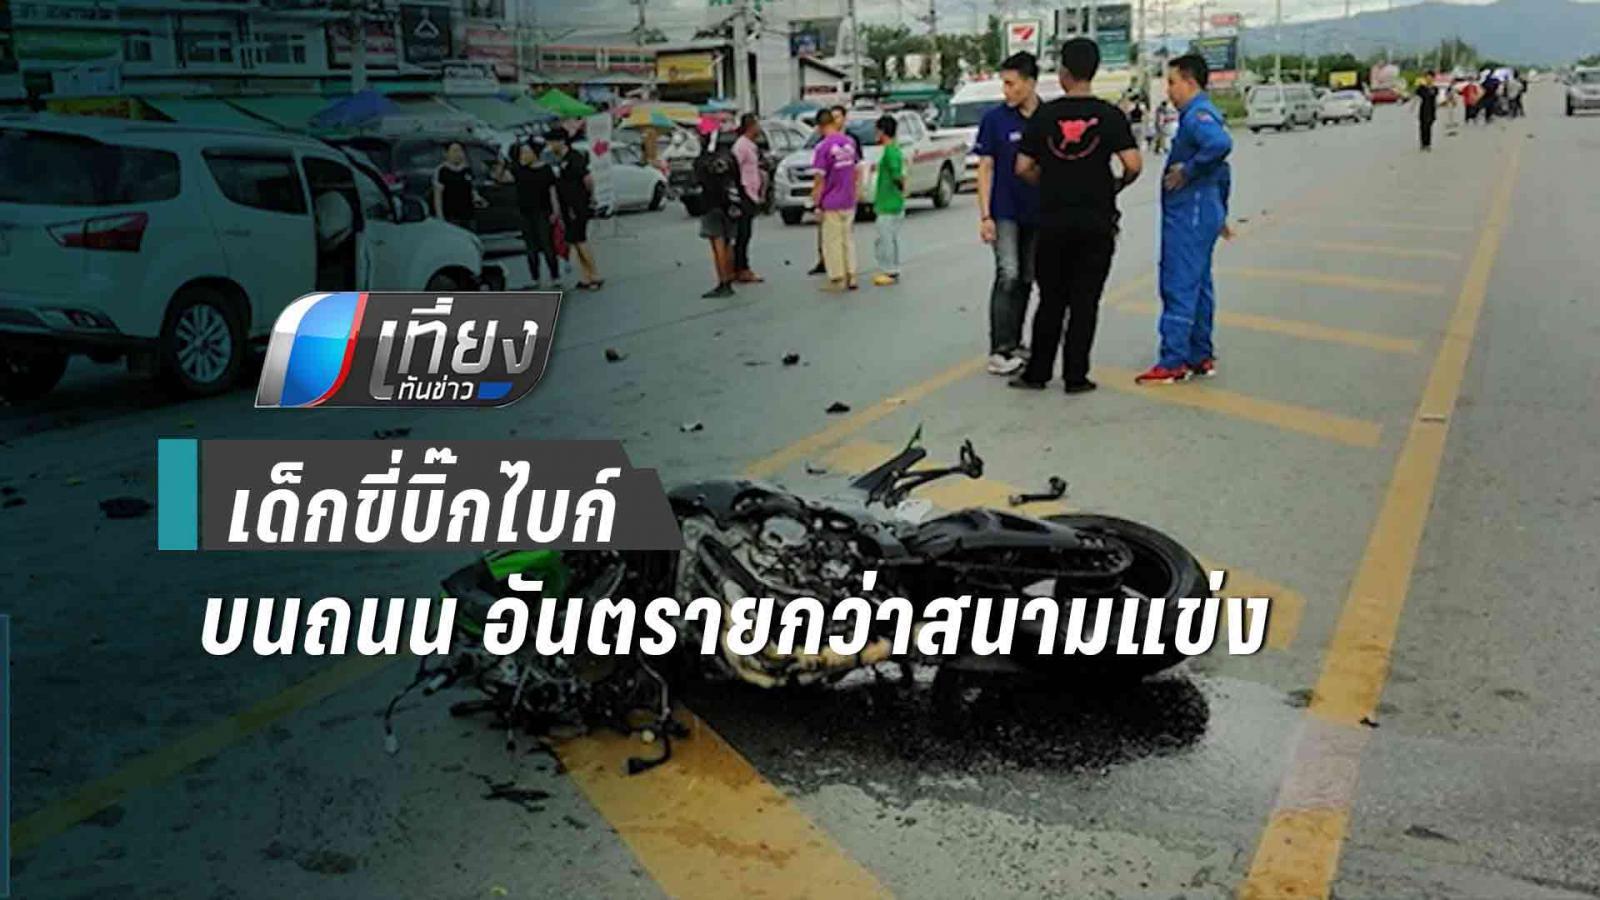 ขนส่งชี้เด็กขับบิ๊กไบก์บนถนน อันตรายกว่าในสนามแข่ง